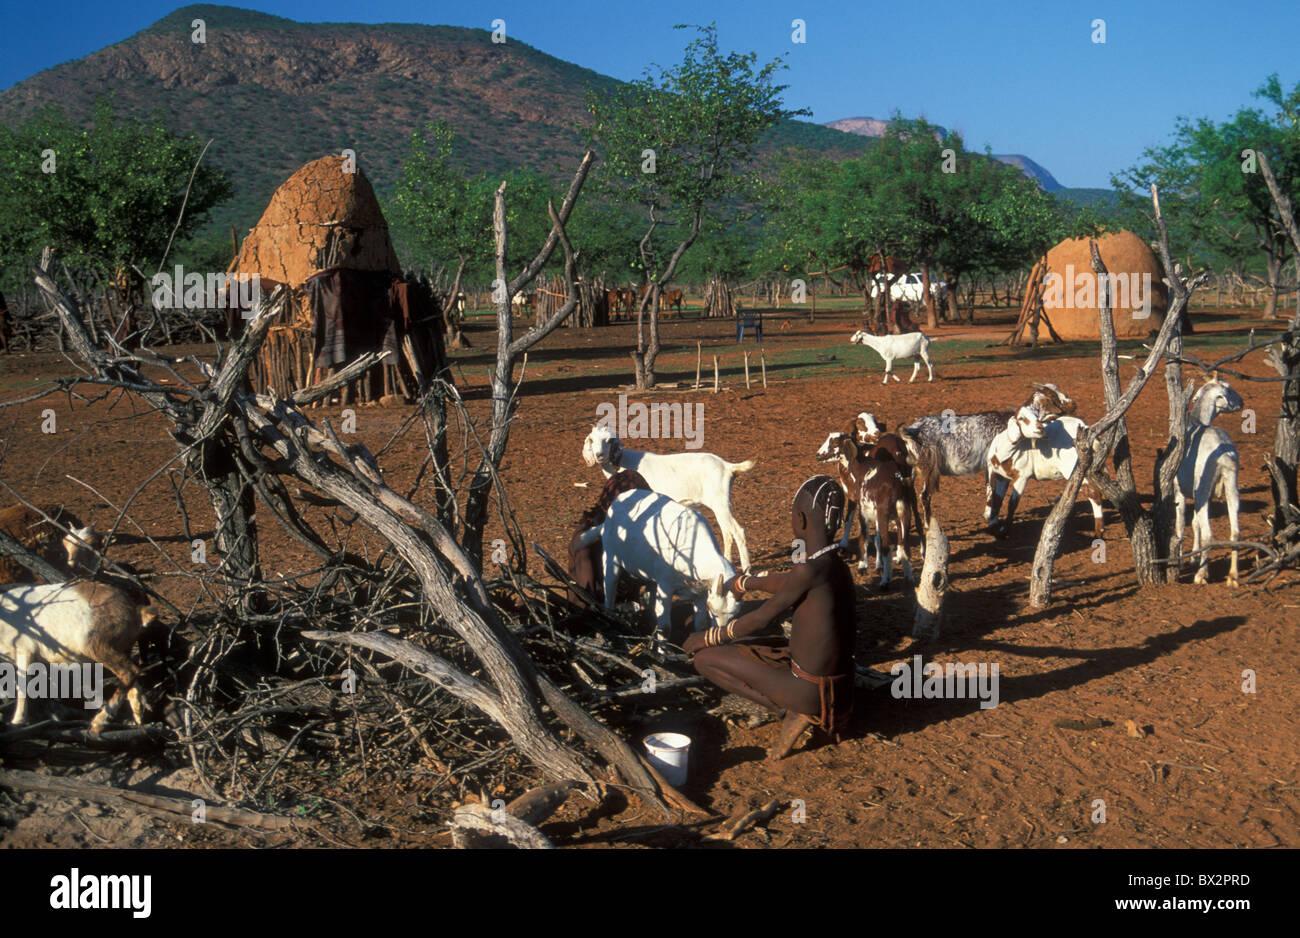 Africa children goats Himba Hut Kaokoveld Kraal Namibia Africa nomadic Ovahimba people shed storage tr - Stock Image